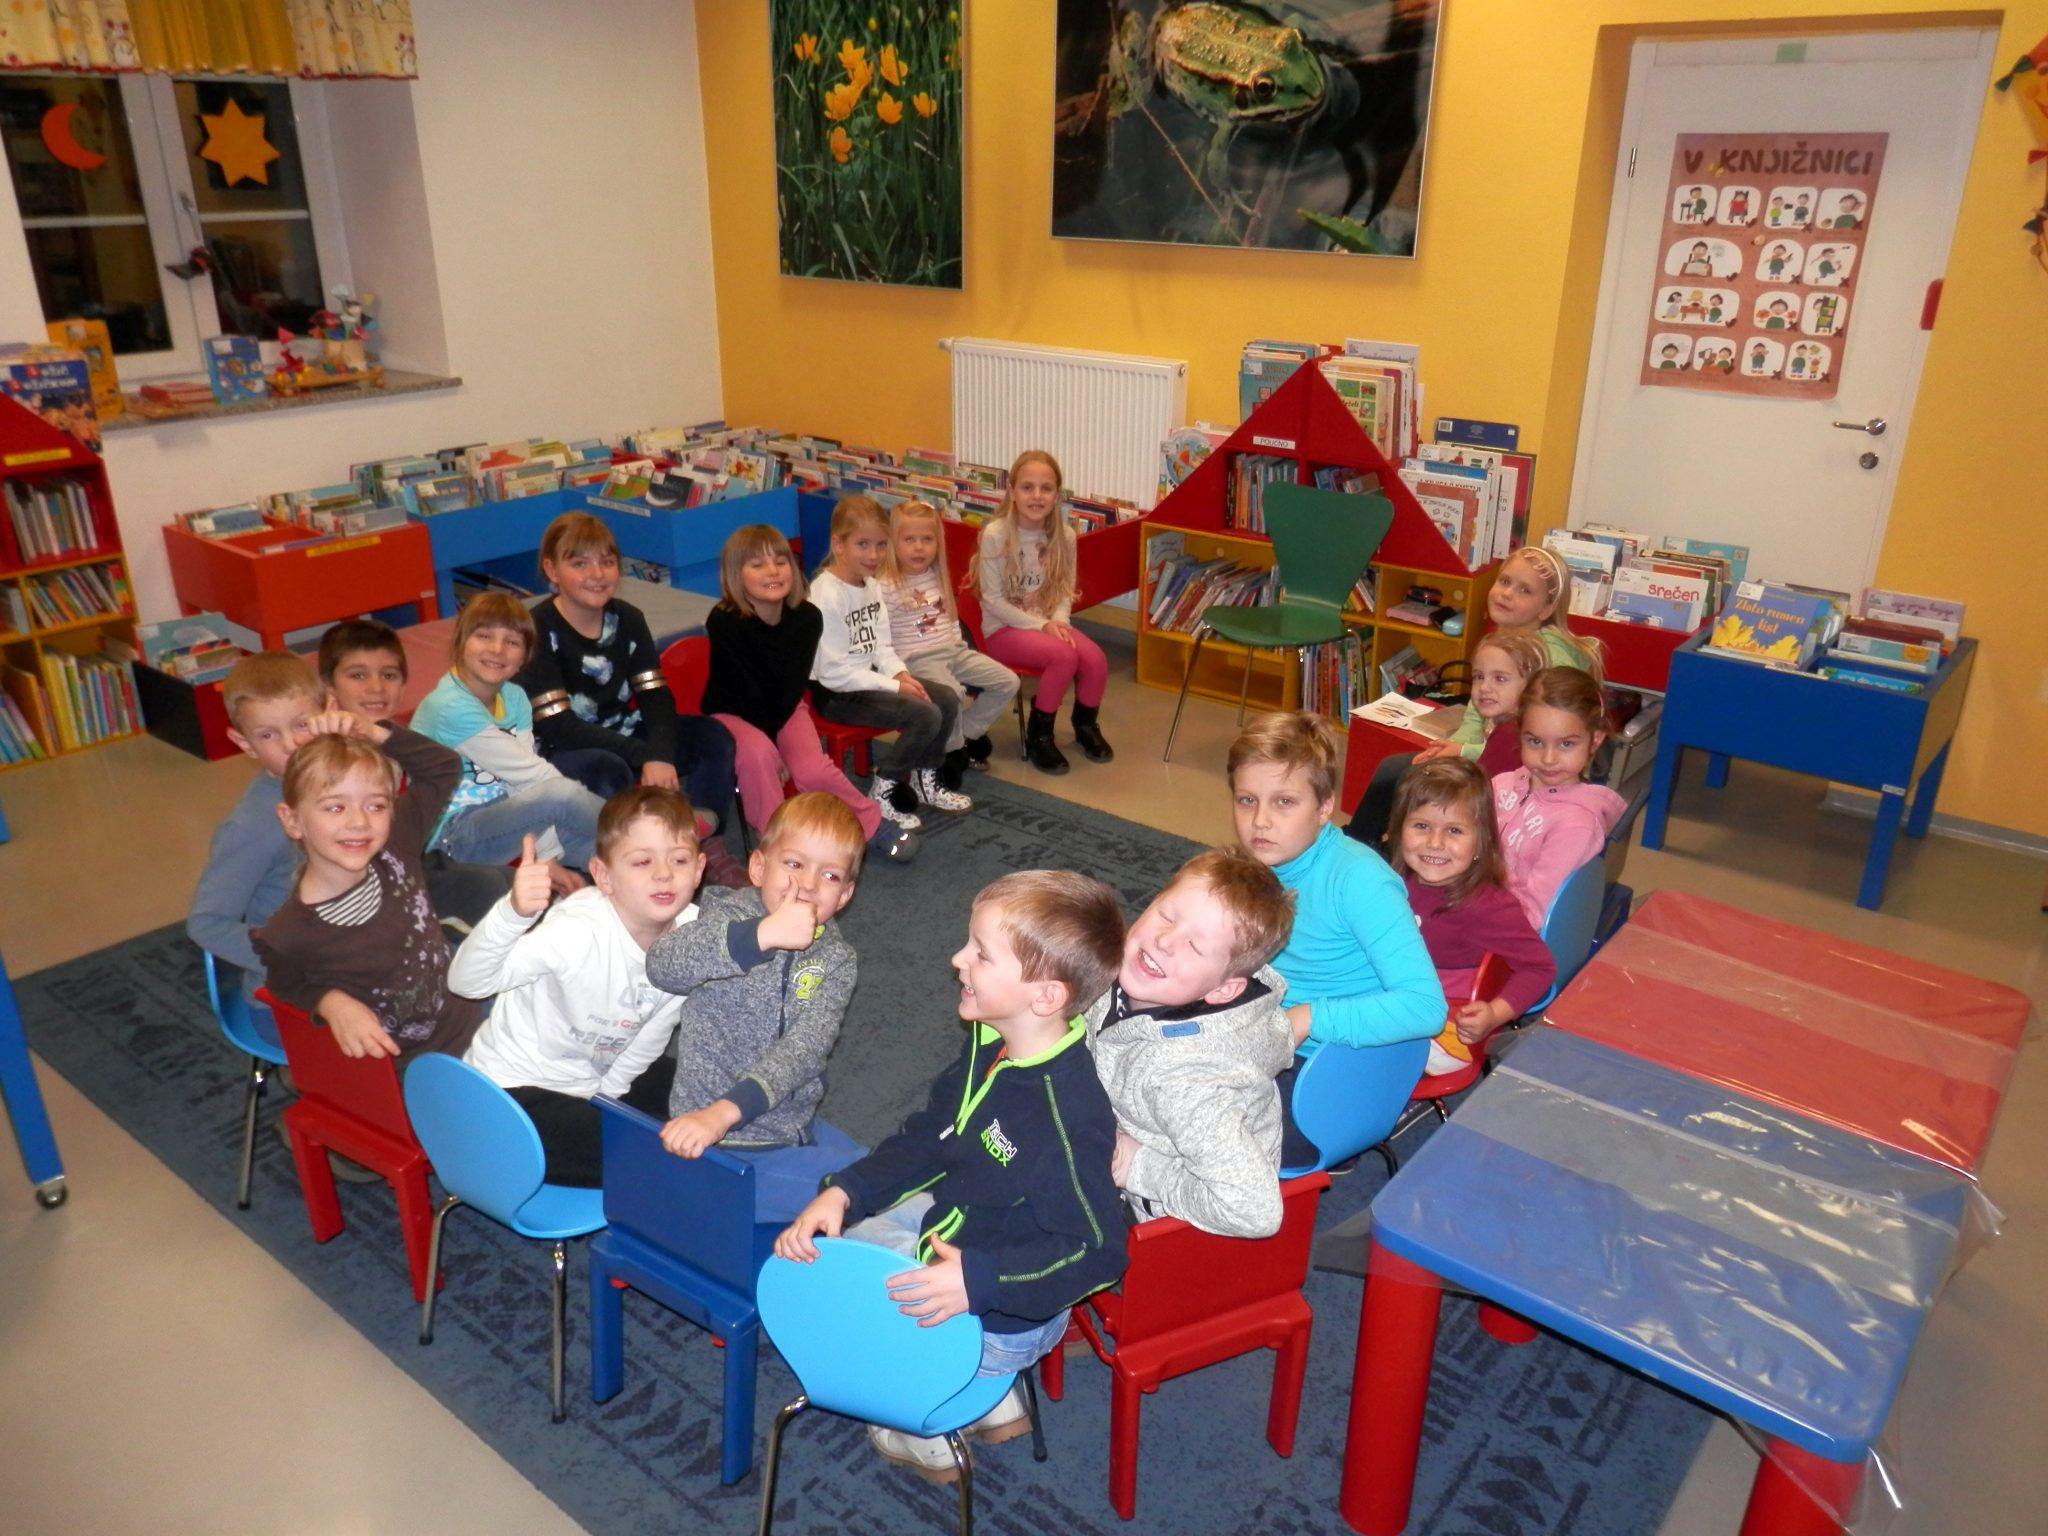 P1050026 - Novoletna pravljična urica z ustvarjalno delavnico za otroke od 4. leta dalje